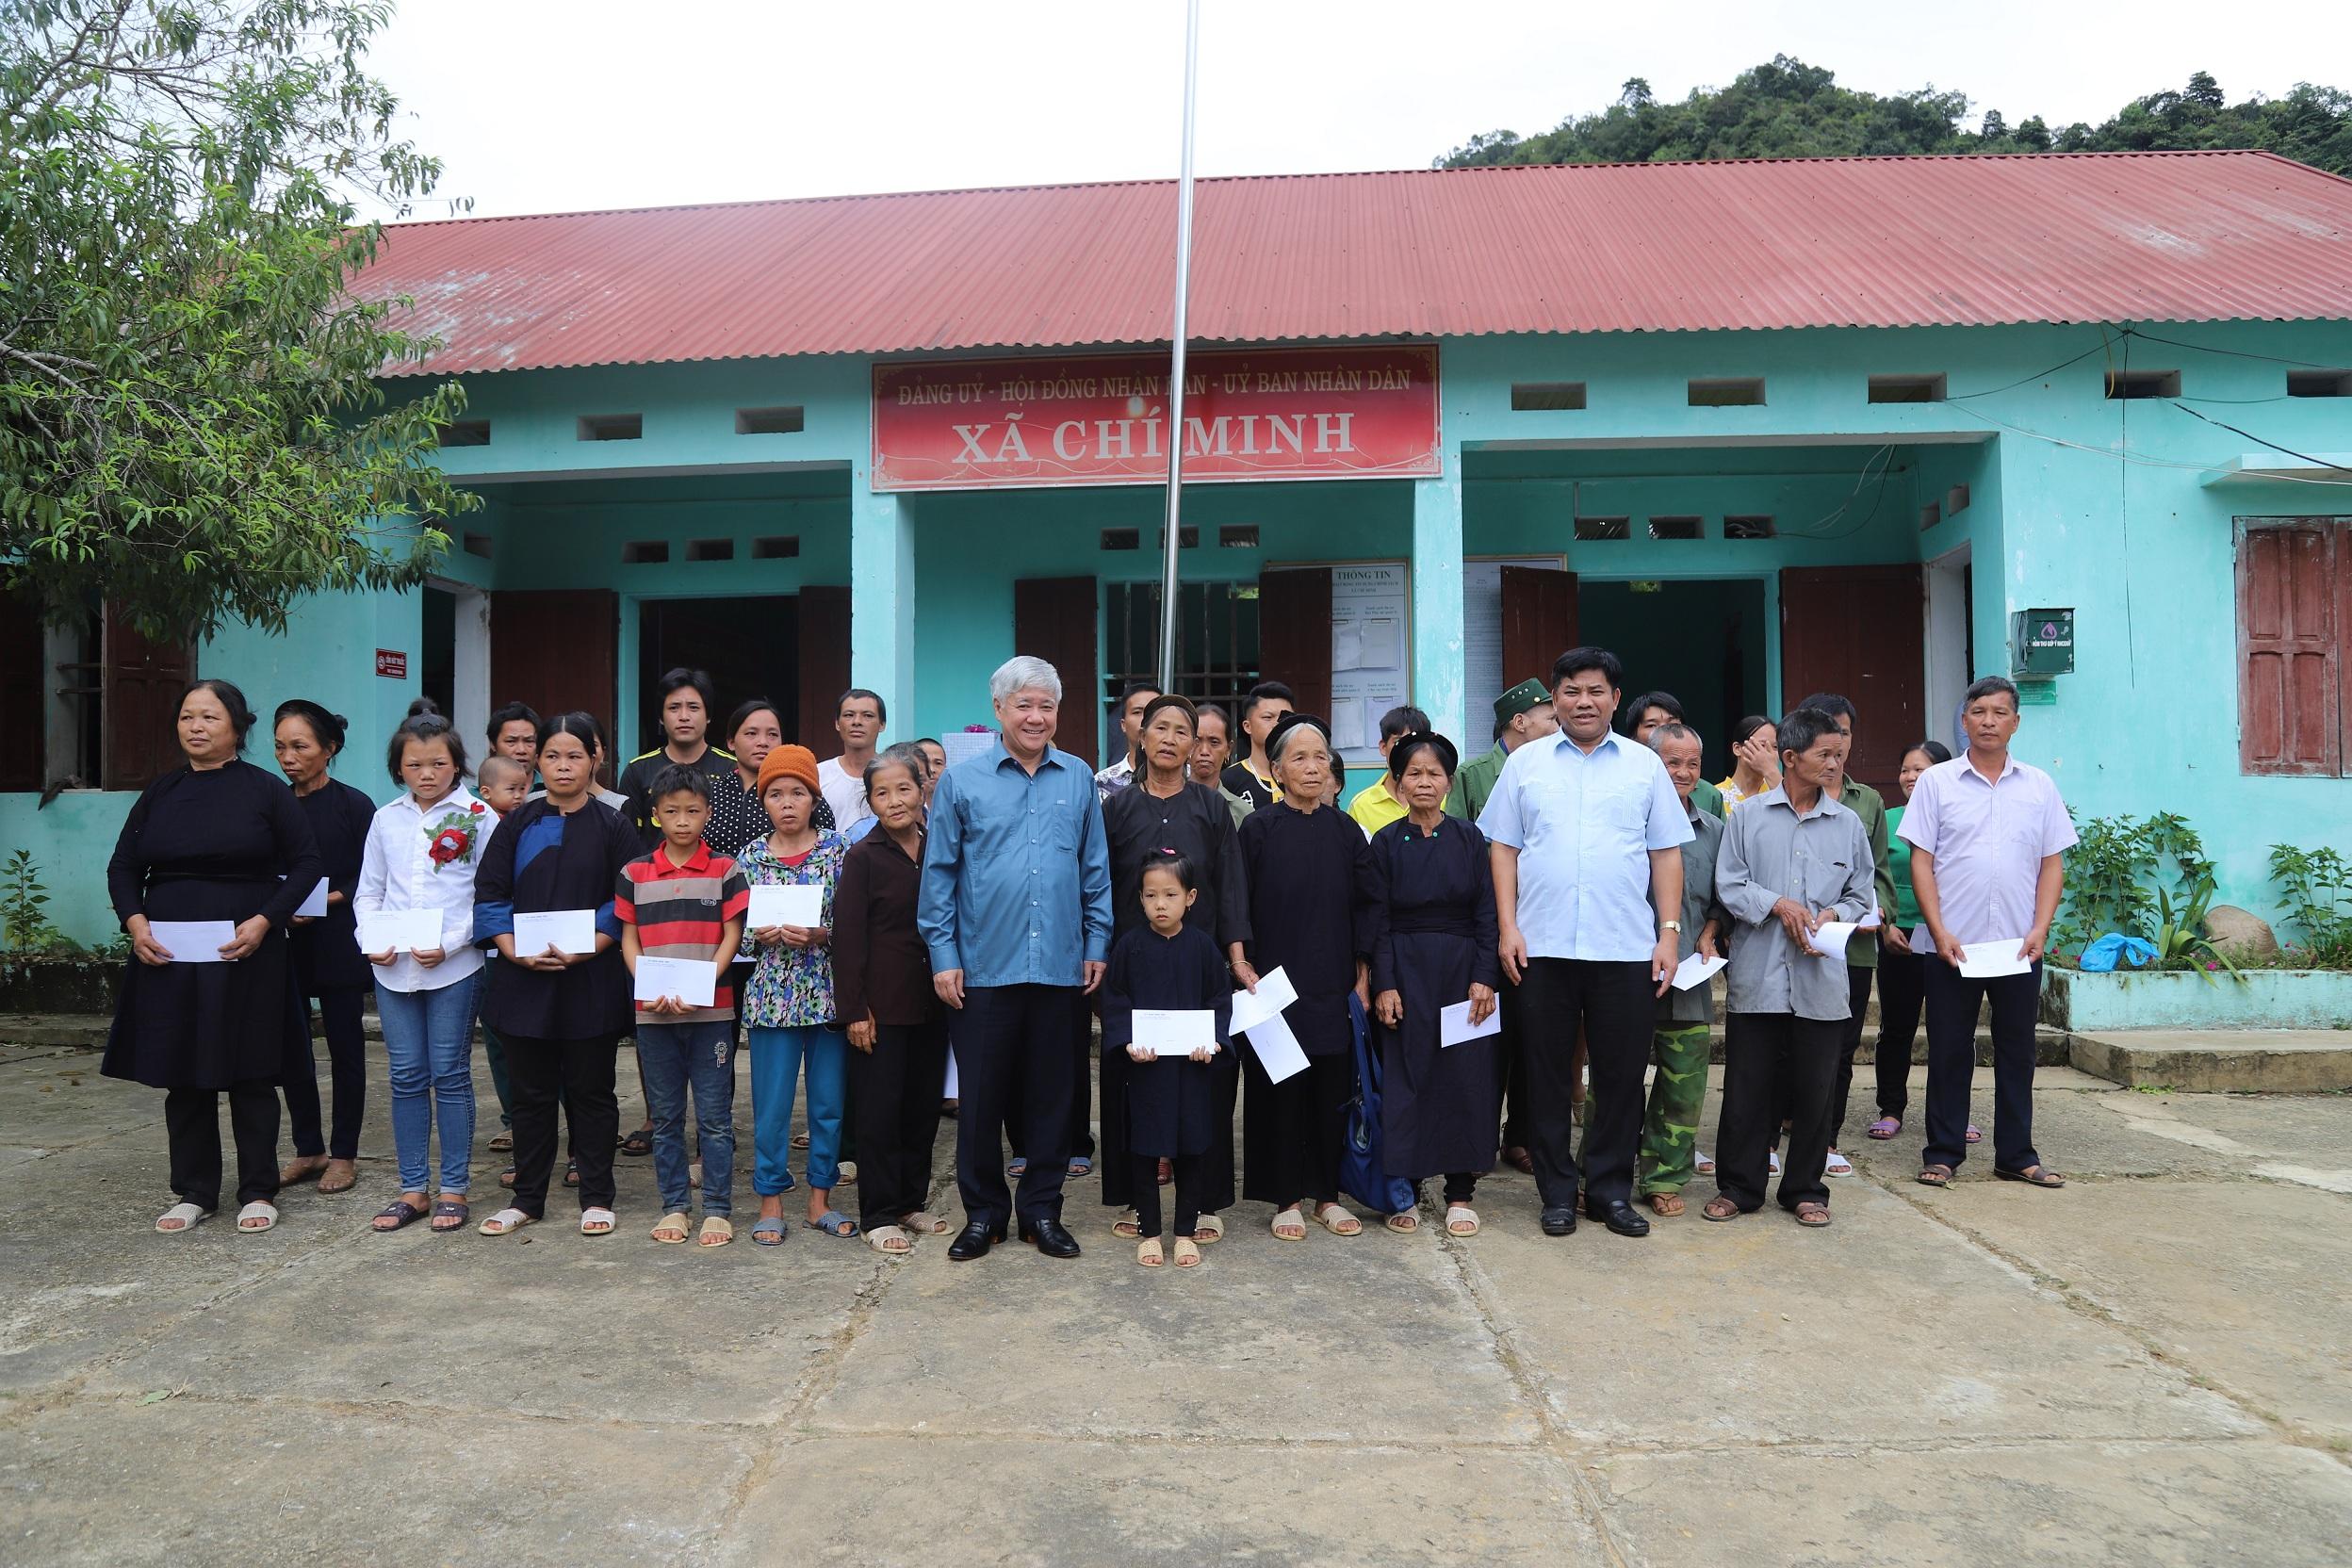 Bộ trưởng, Chủ nhiệm Đỗ Văn Chiến và Thứ trưởng, Phó Chủ nhiệm Y Thông tặng quà cho hộ đồng bào DTTS nghèo xã Chí Minh.